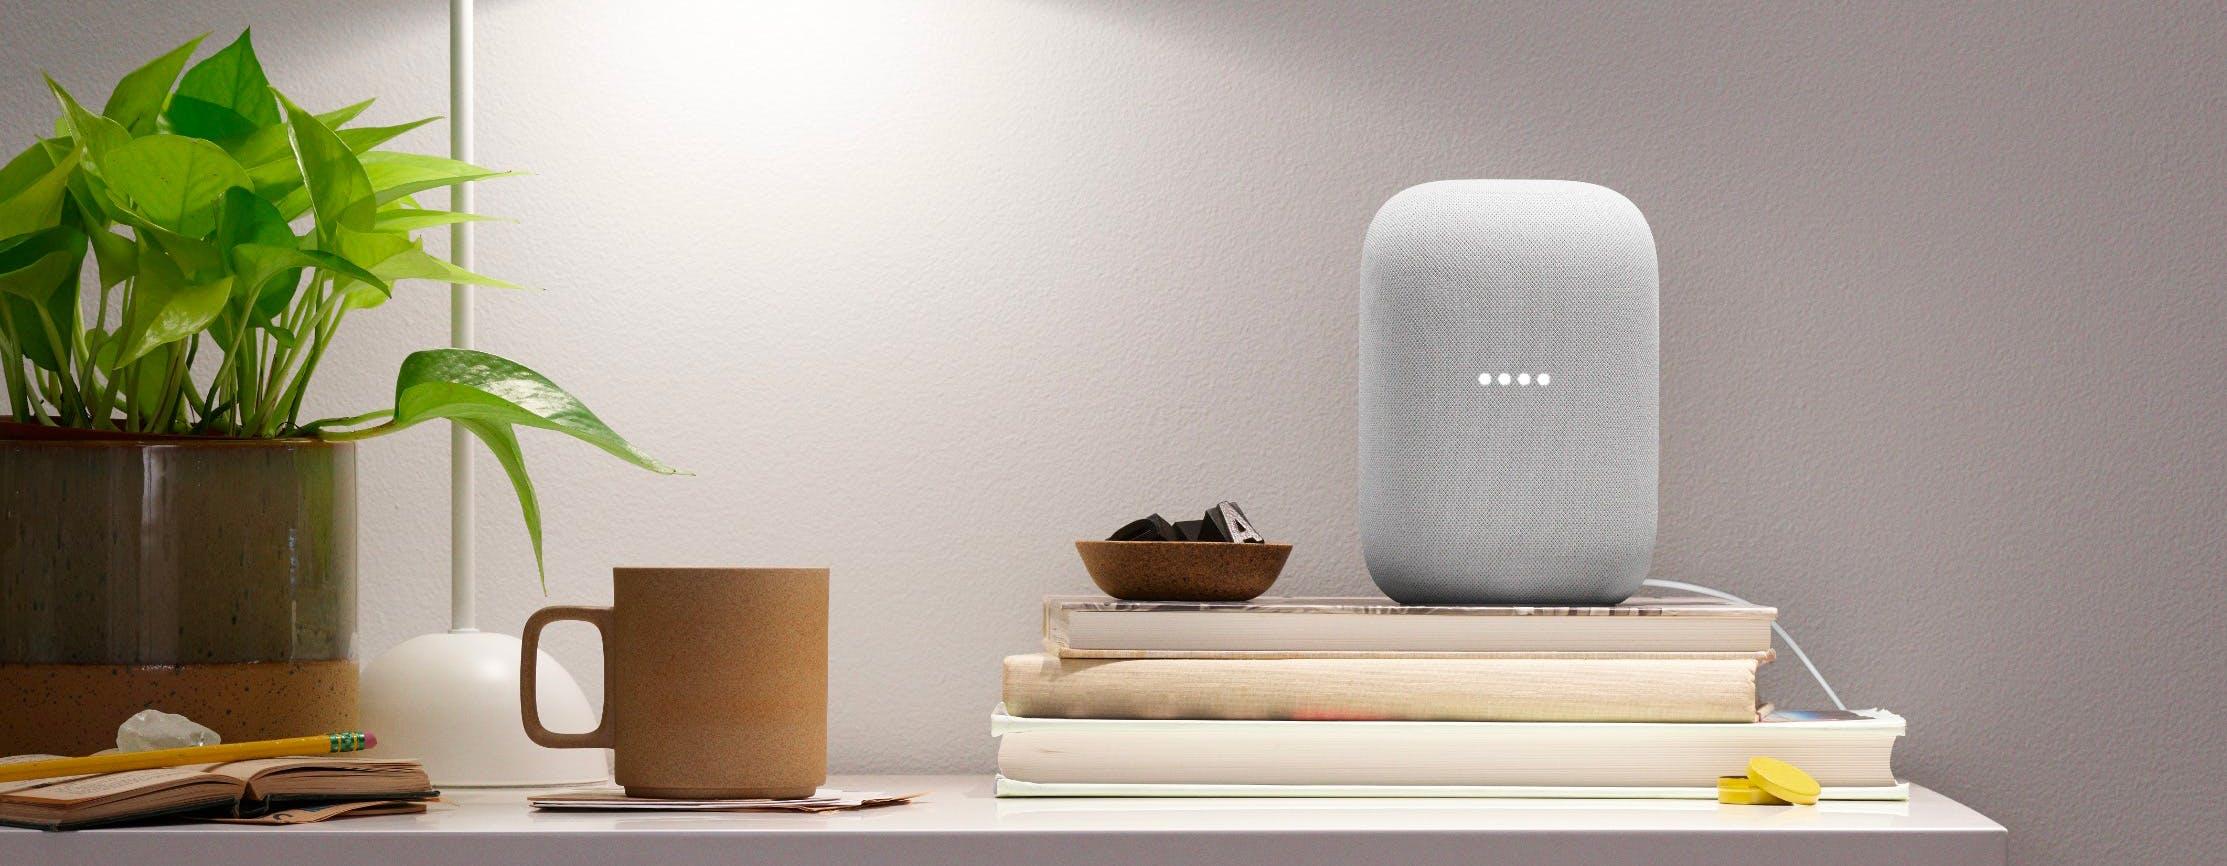 Google Nest Audio, recensione. Progettato per essere un vero diffusore hi-fi